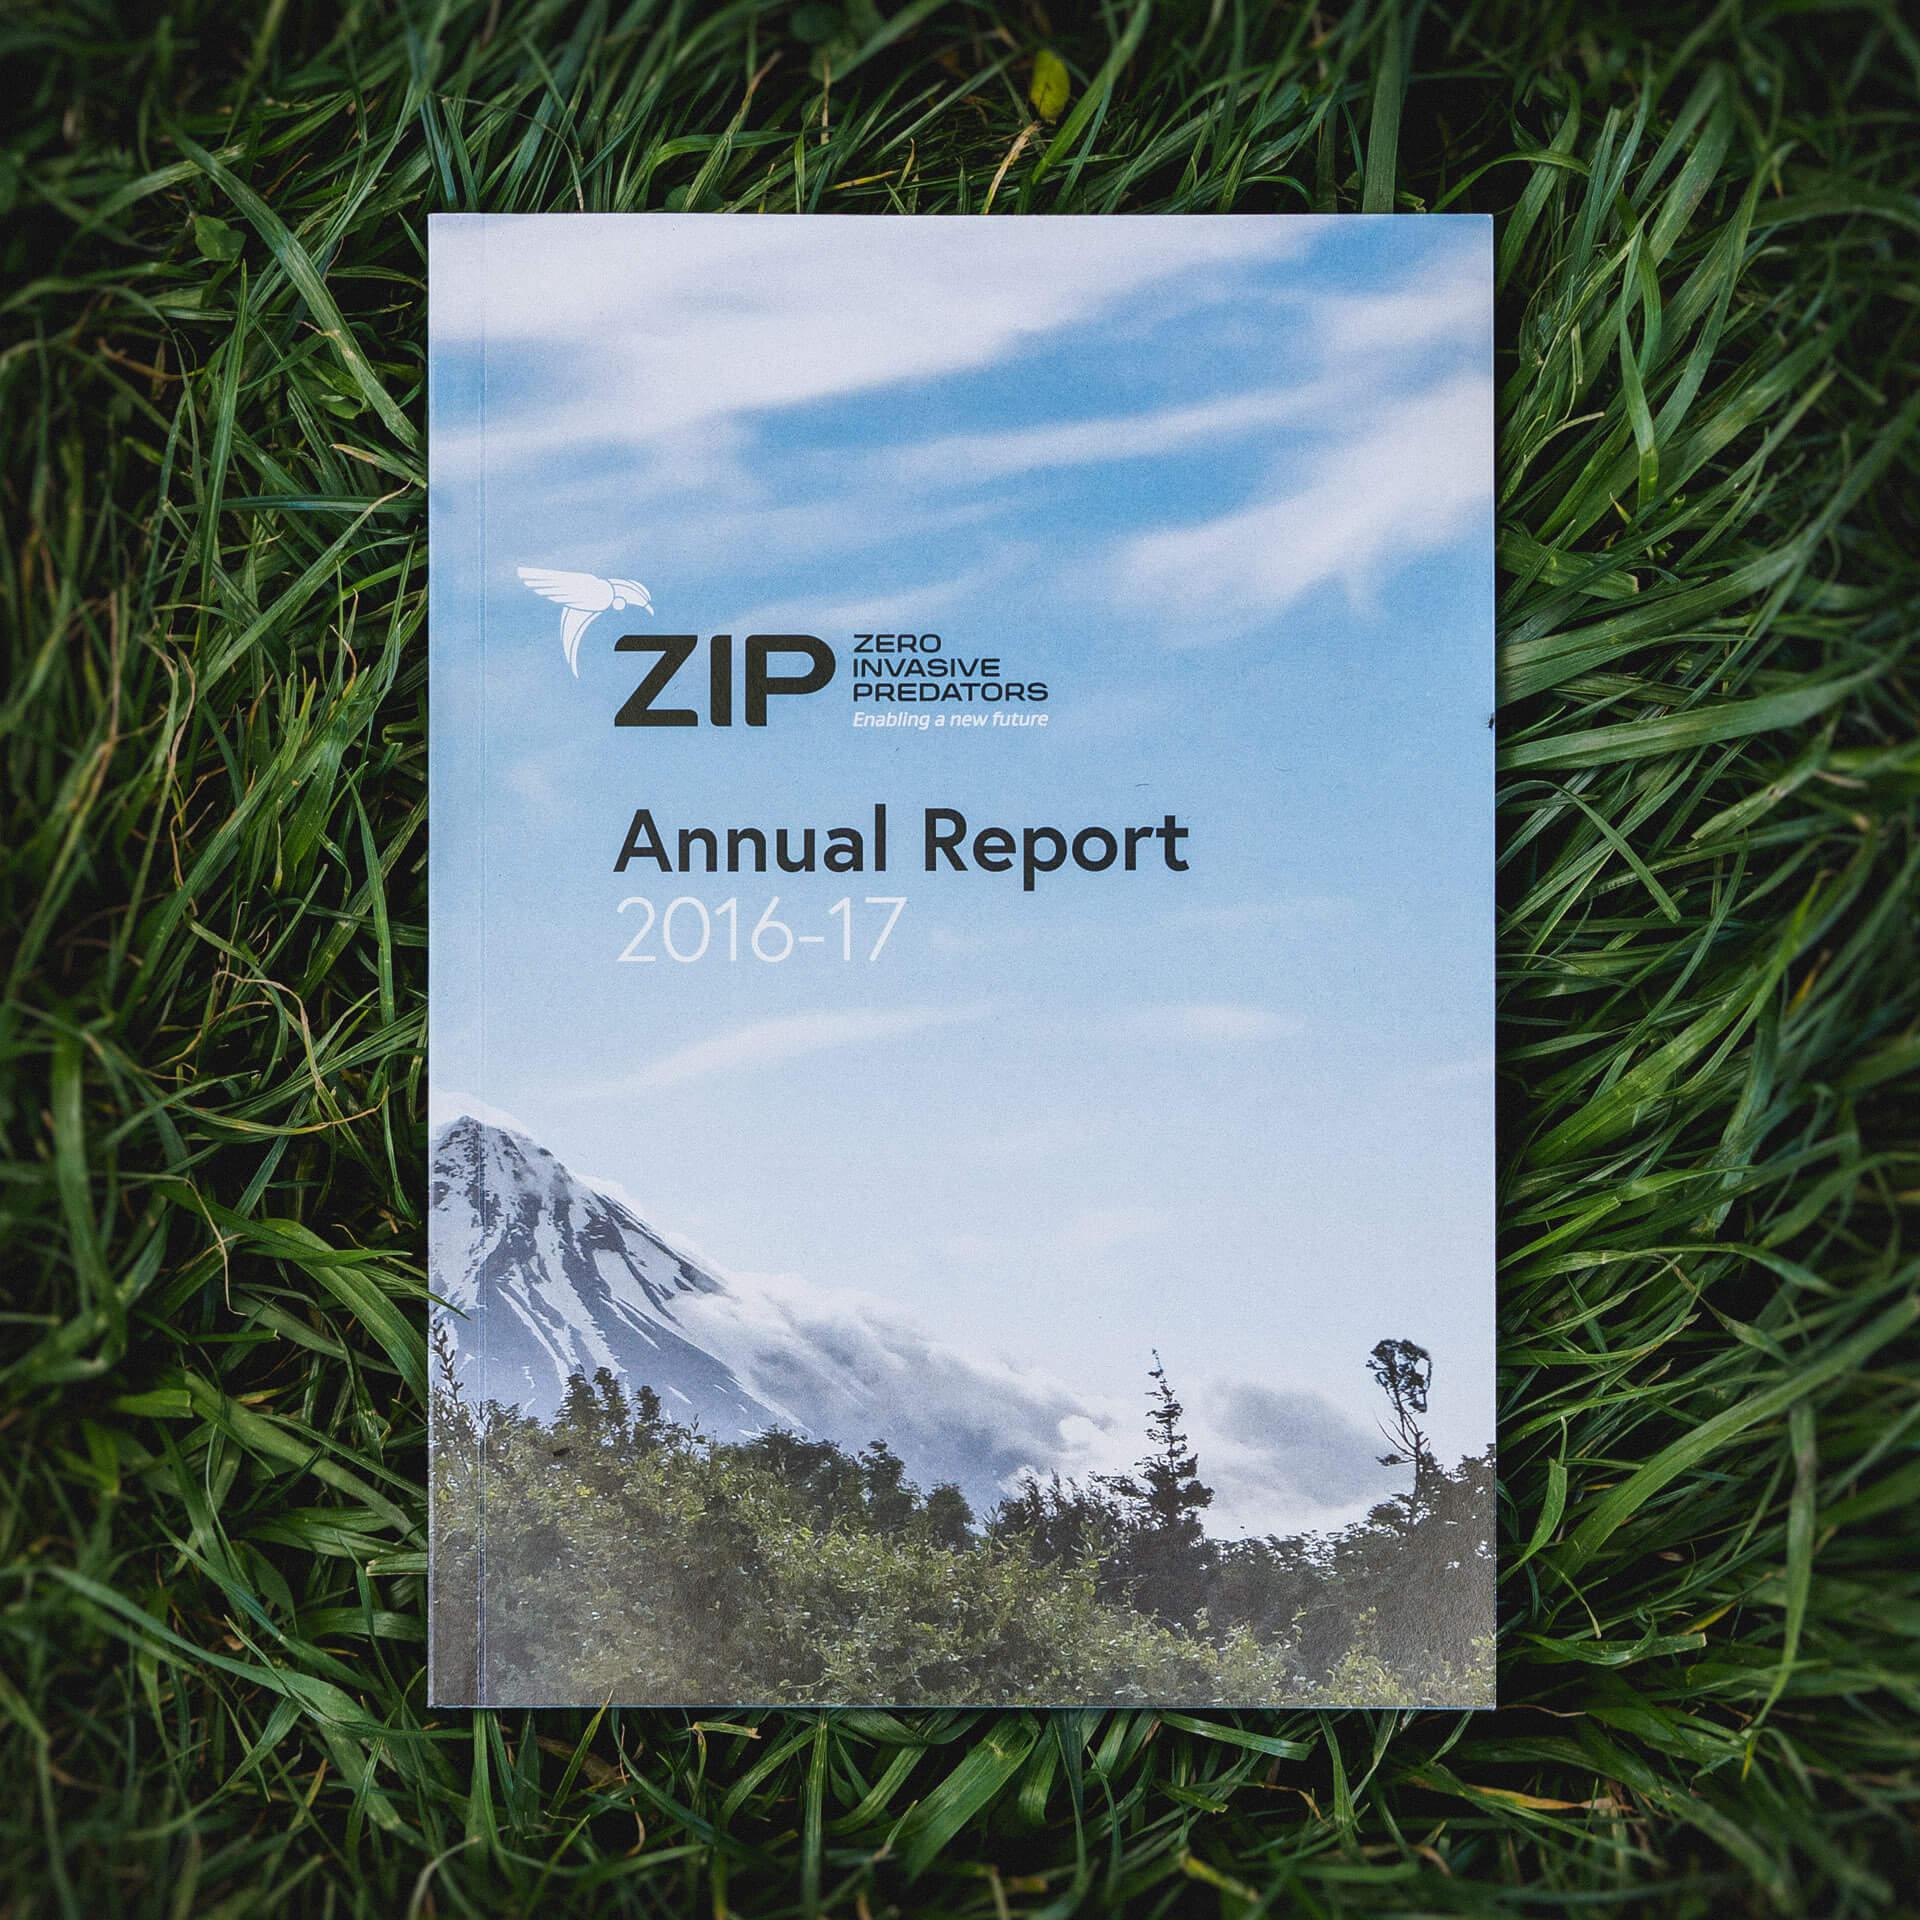 zip2_20171105_01